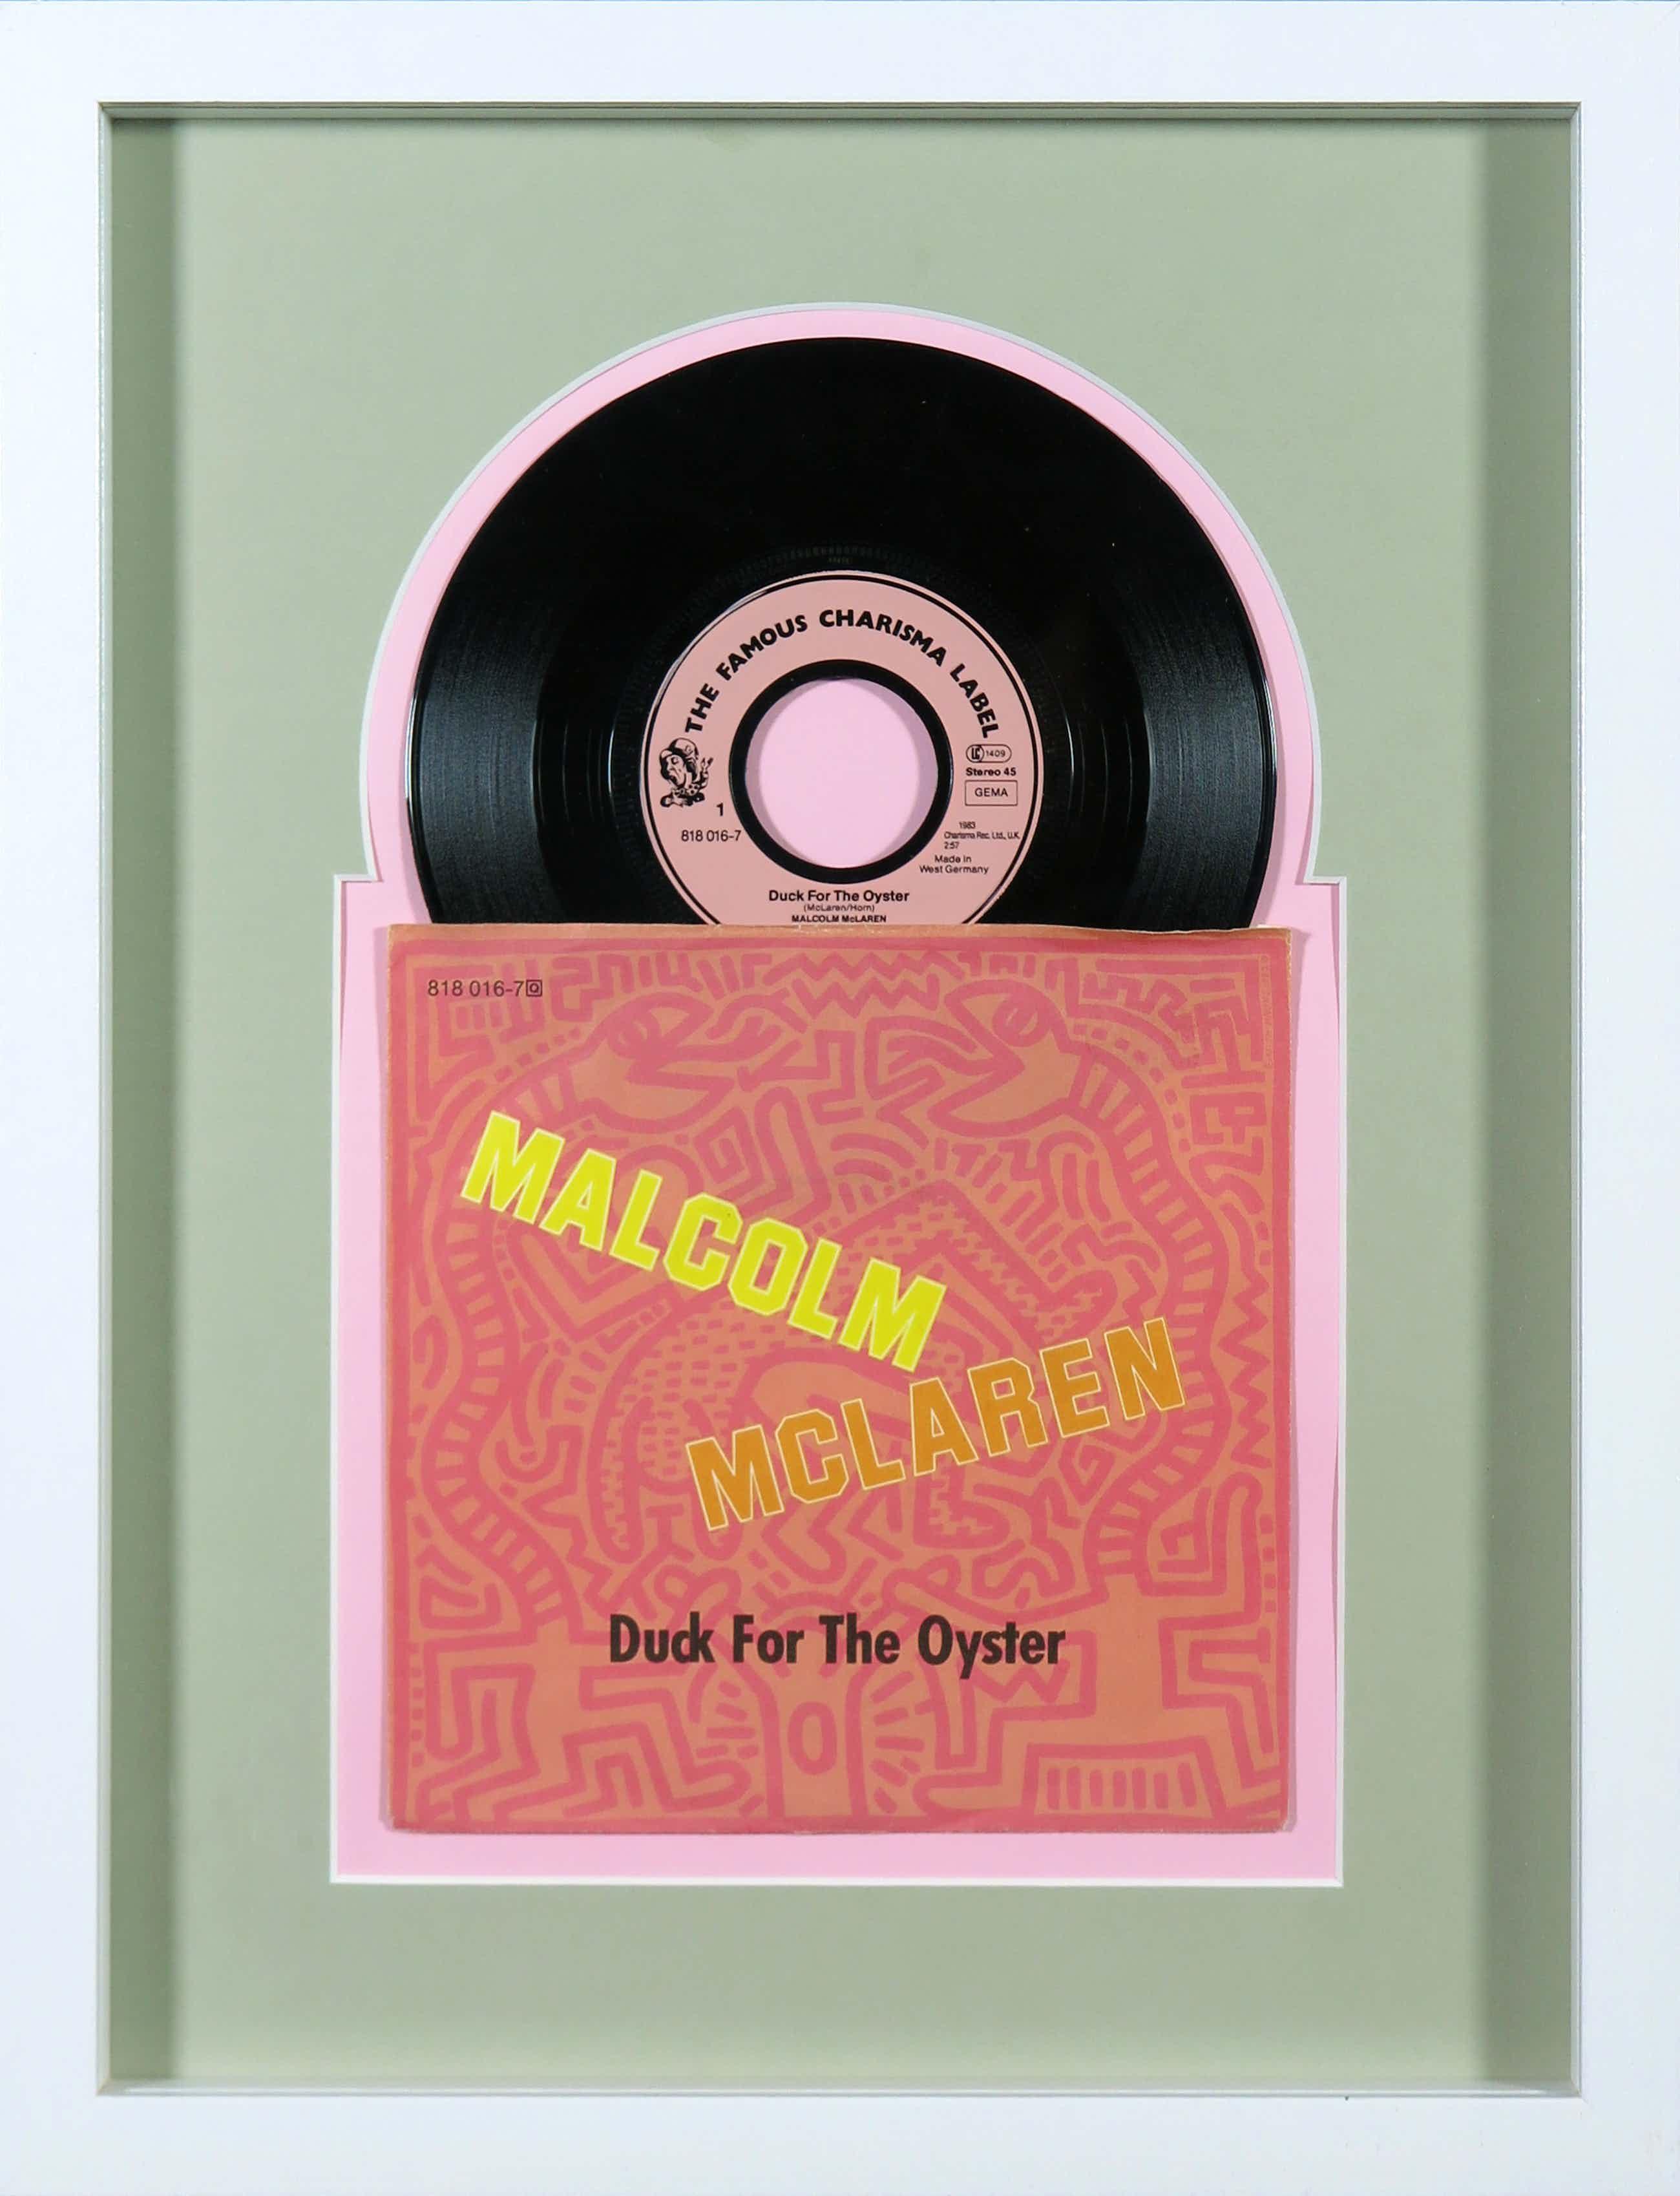 Keith Haring - Malcolm McLaren - Duck for the Oyster - Ingelijst kopen? Bied vanaf 40!